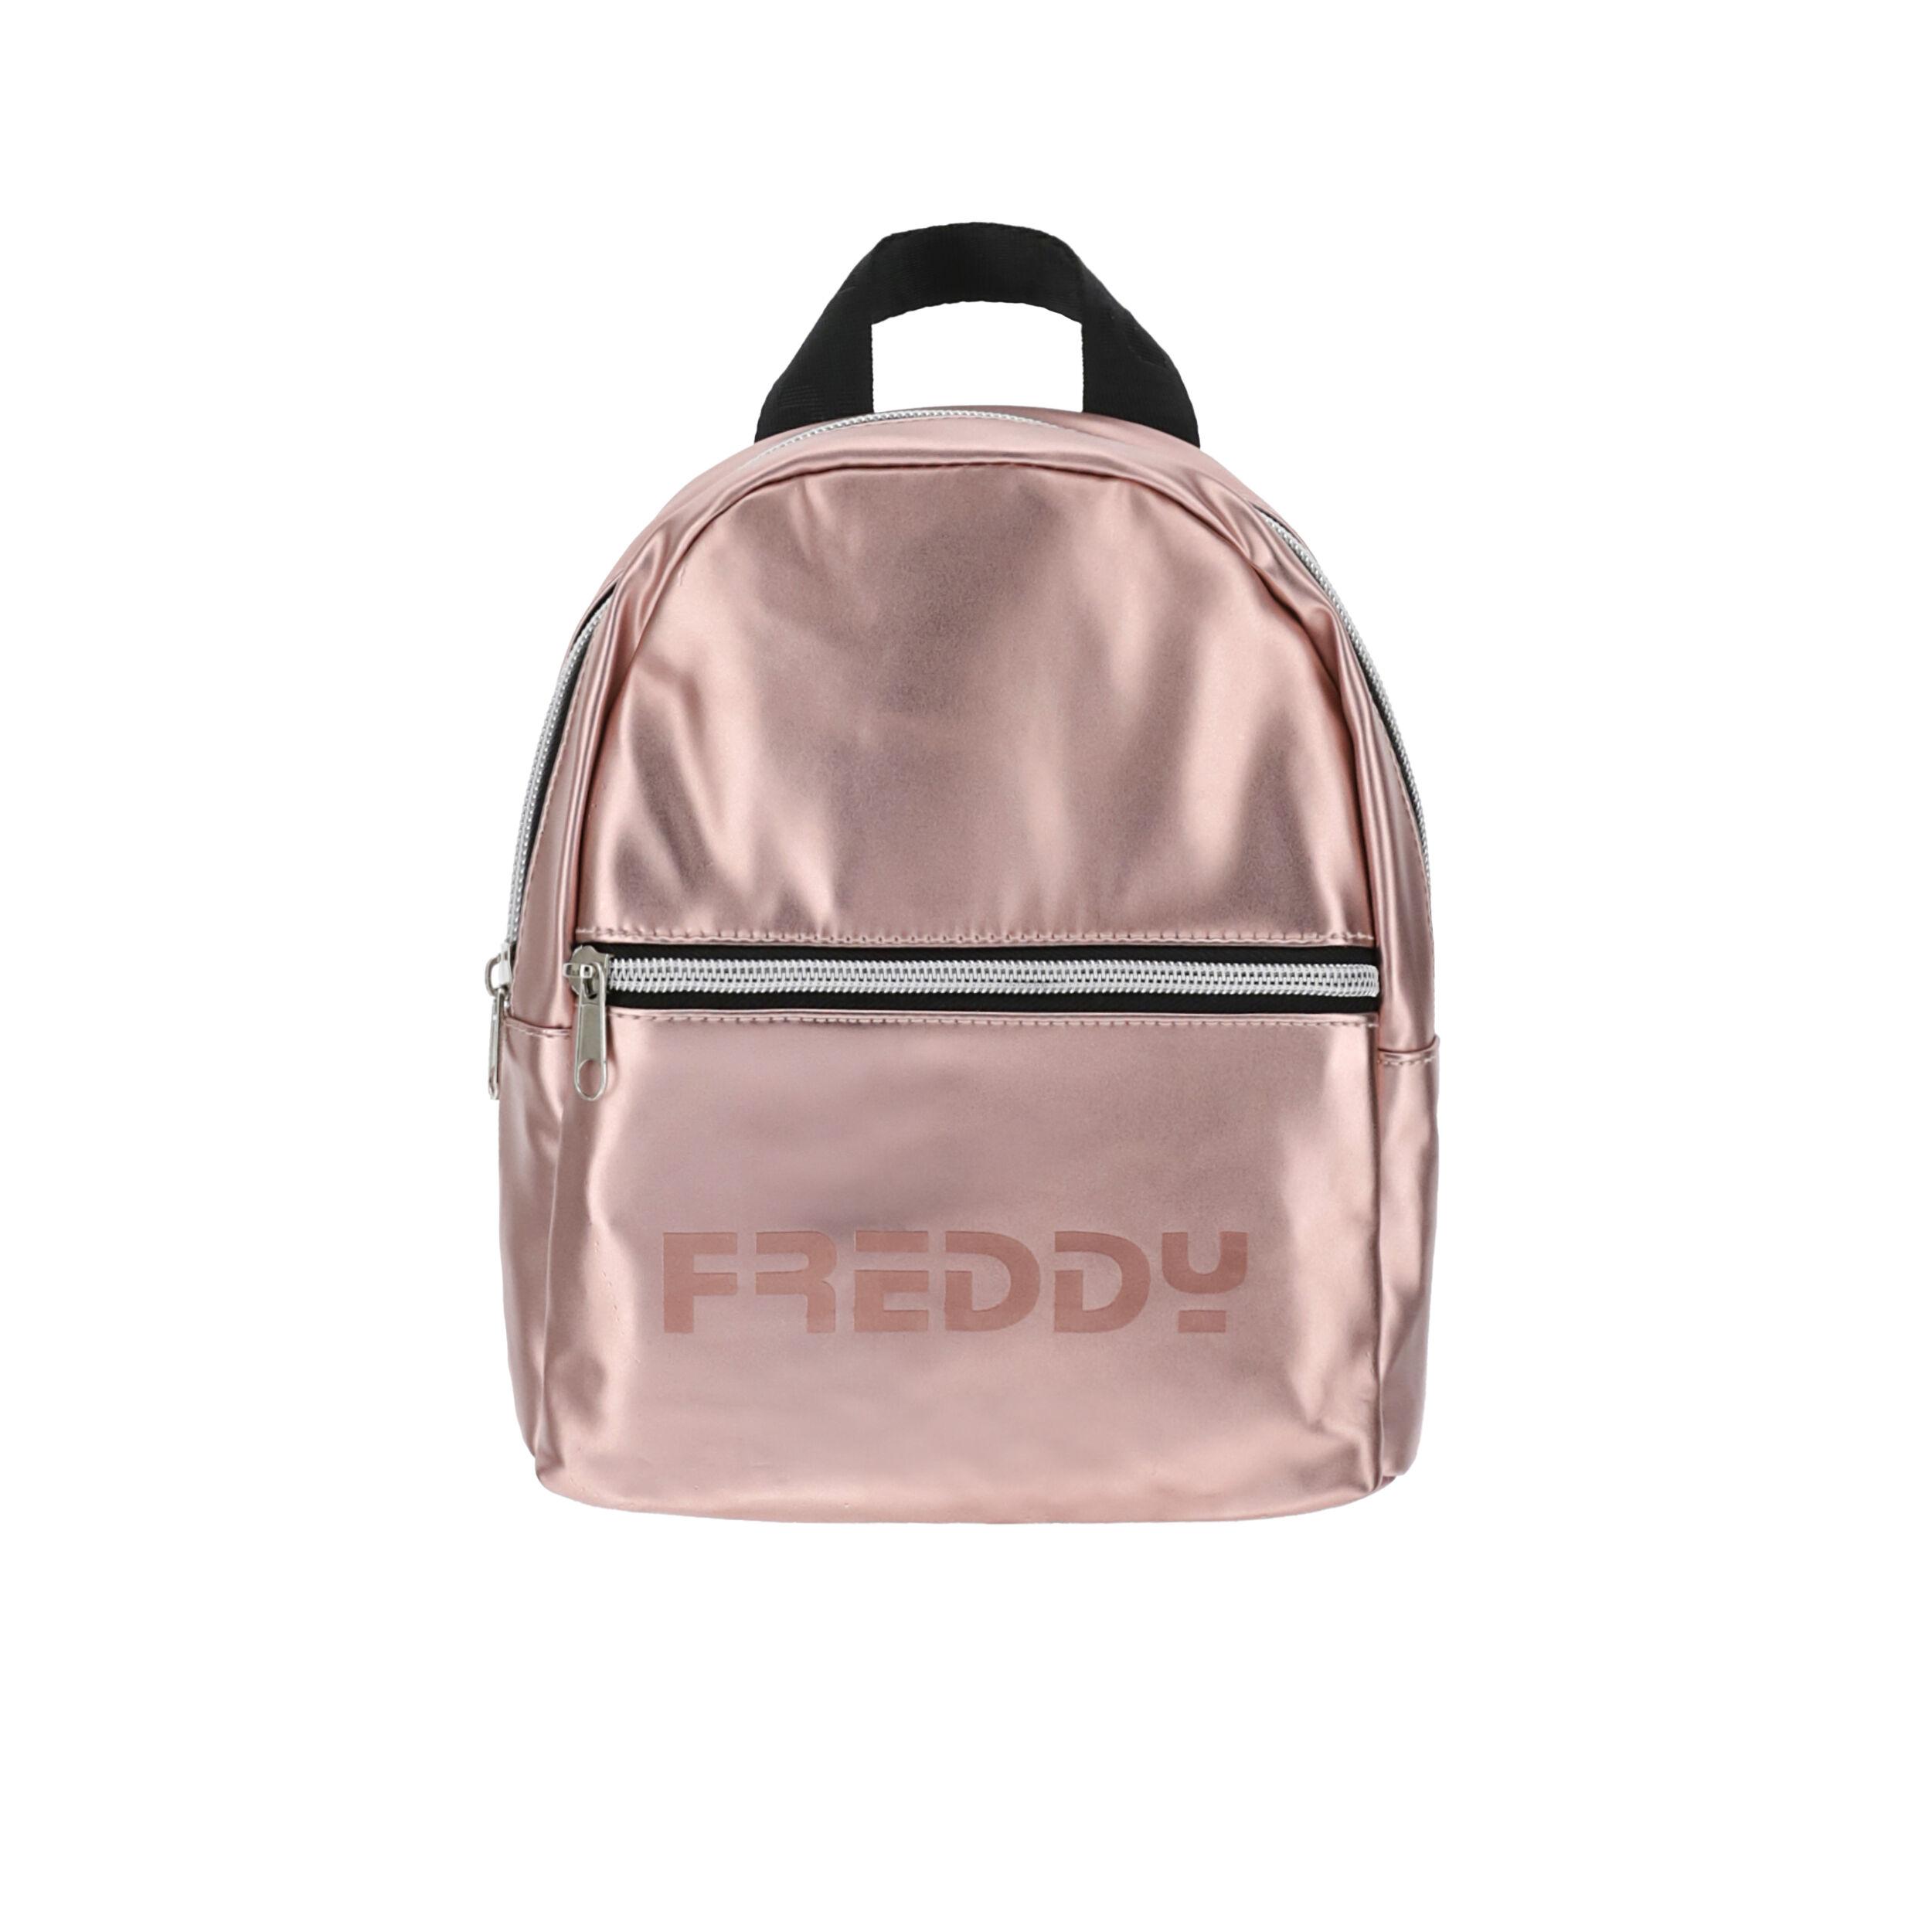 Freddy Mini zaino in nylon metallizzato Pink